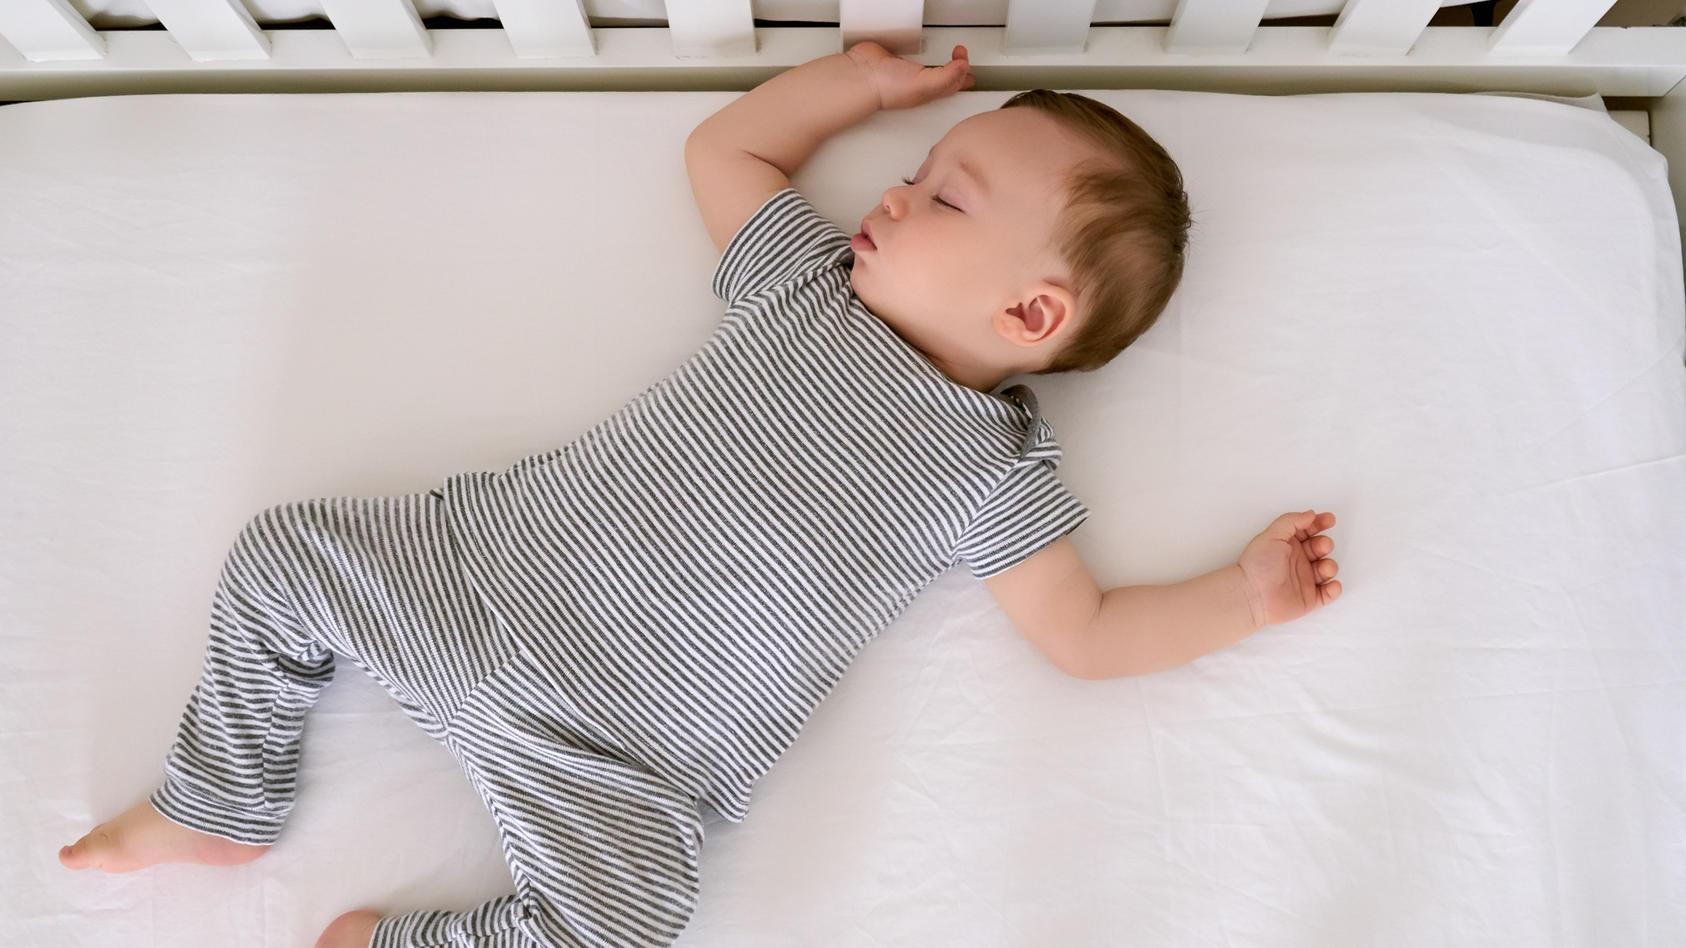 Bei vier Kindermatratzen lässt die Sicherheit zu wünschen übrig.